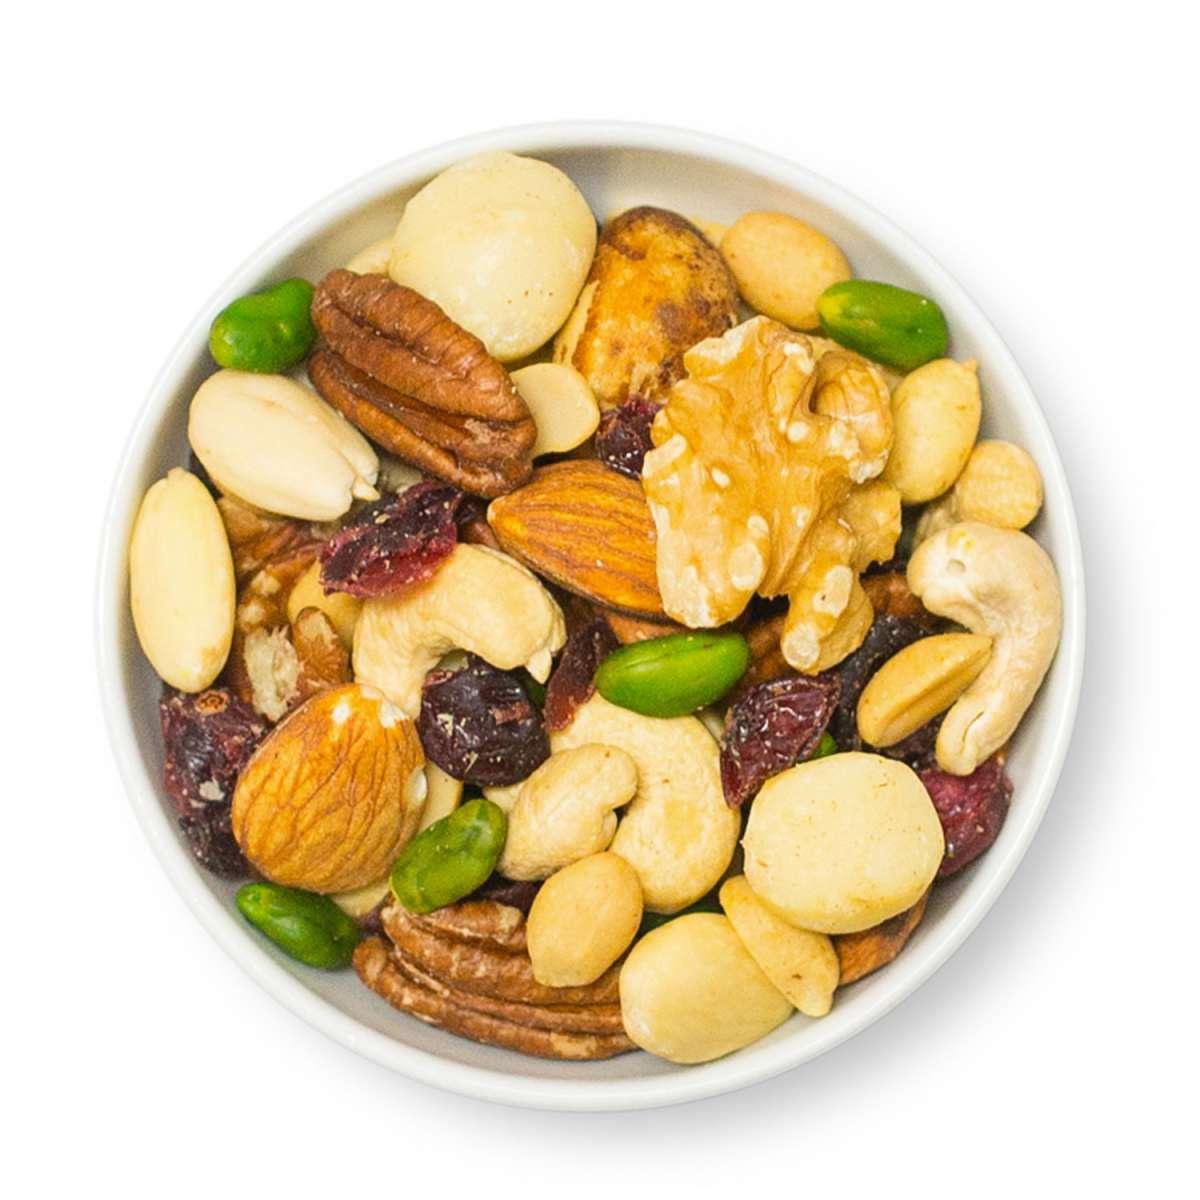 1001 Frucht - edle Nussmischung, - naturbelassen | Themen